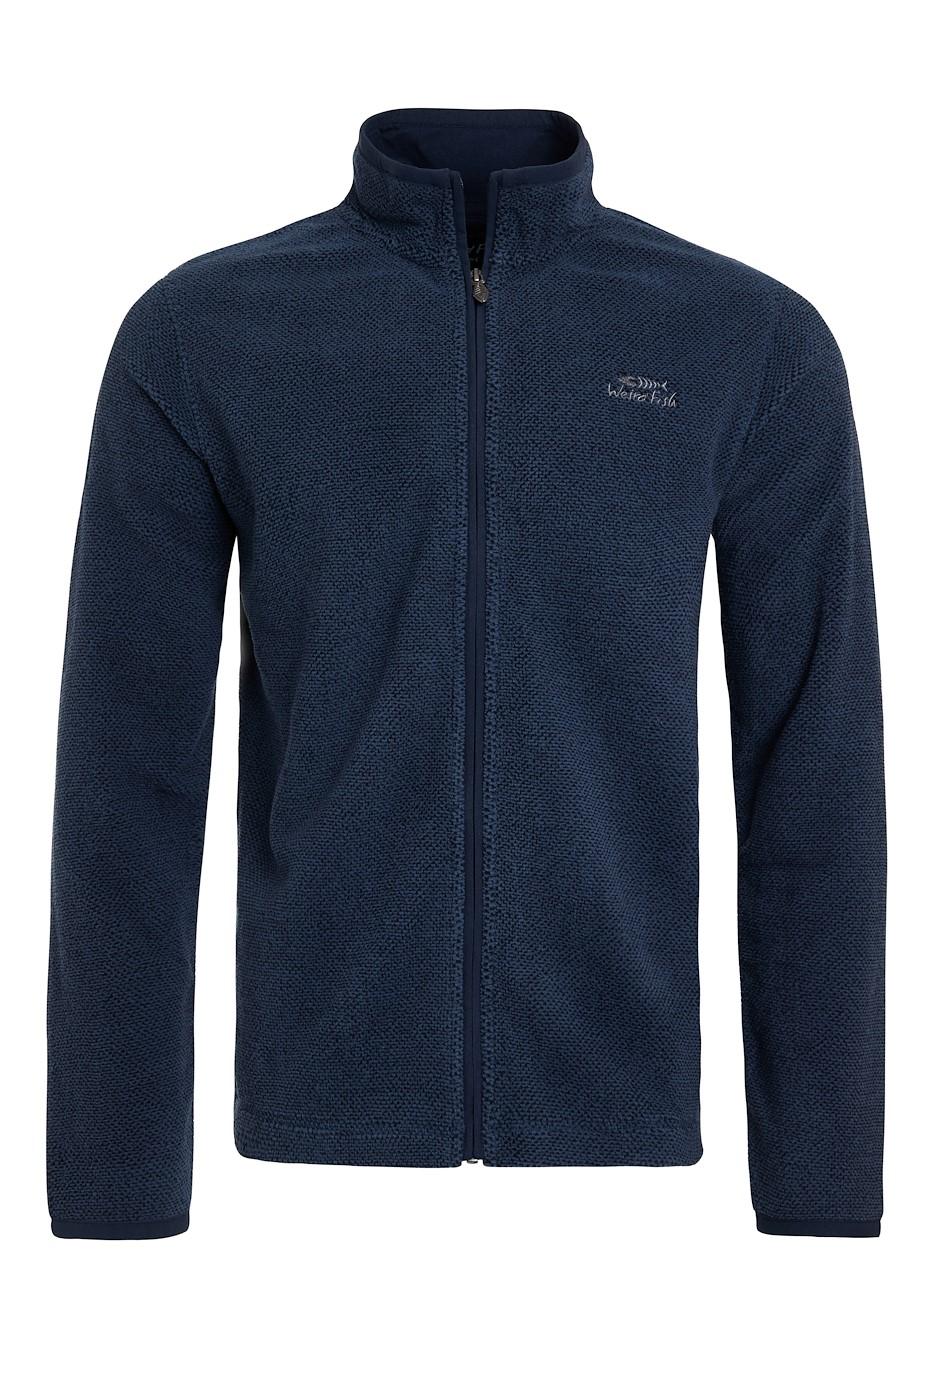 Merrill Full Zip Textured Fleece Dark Navy